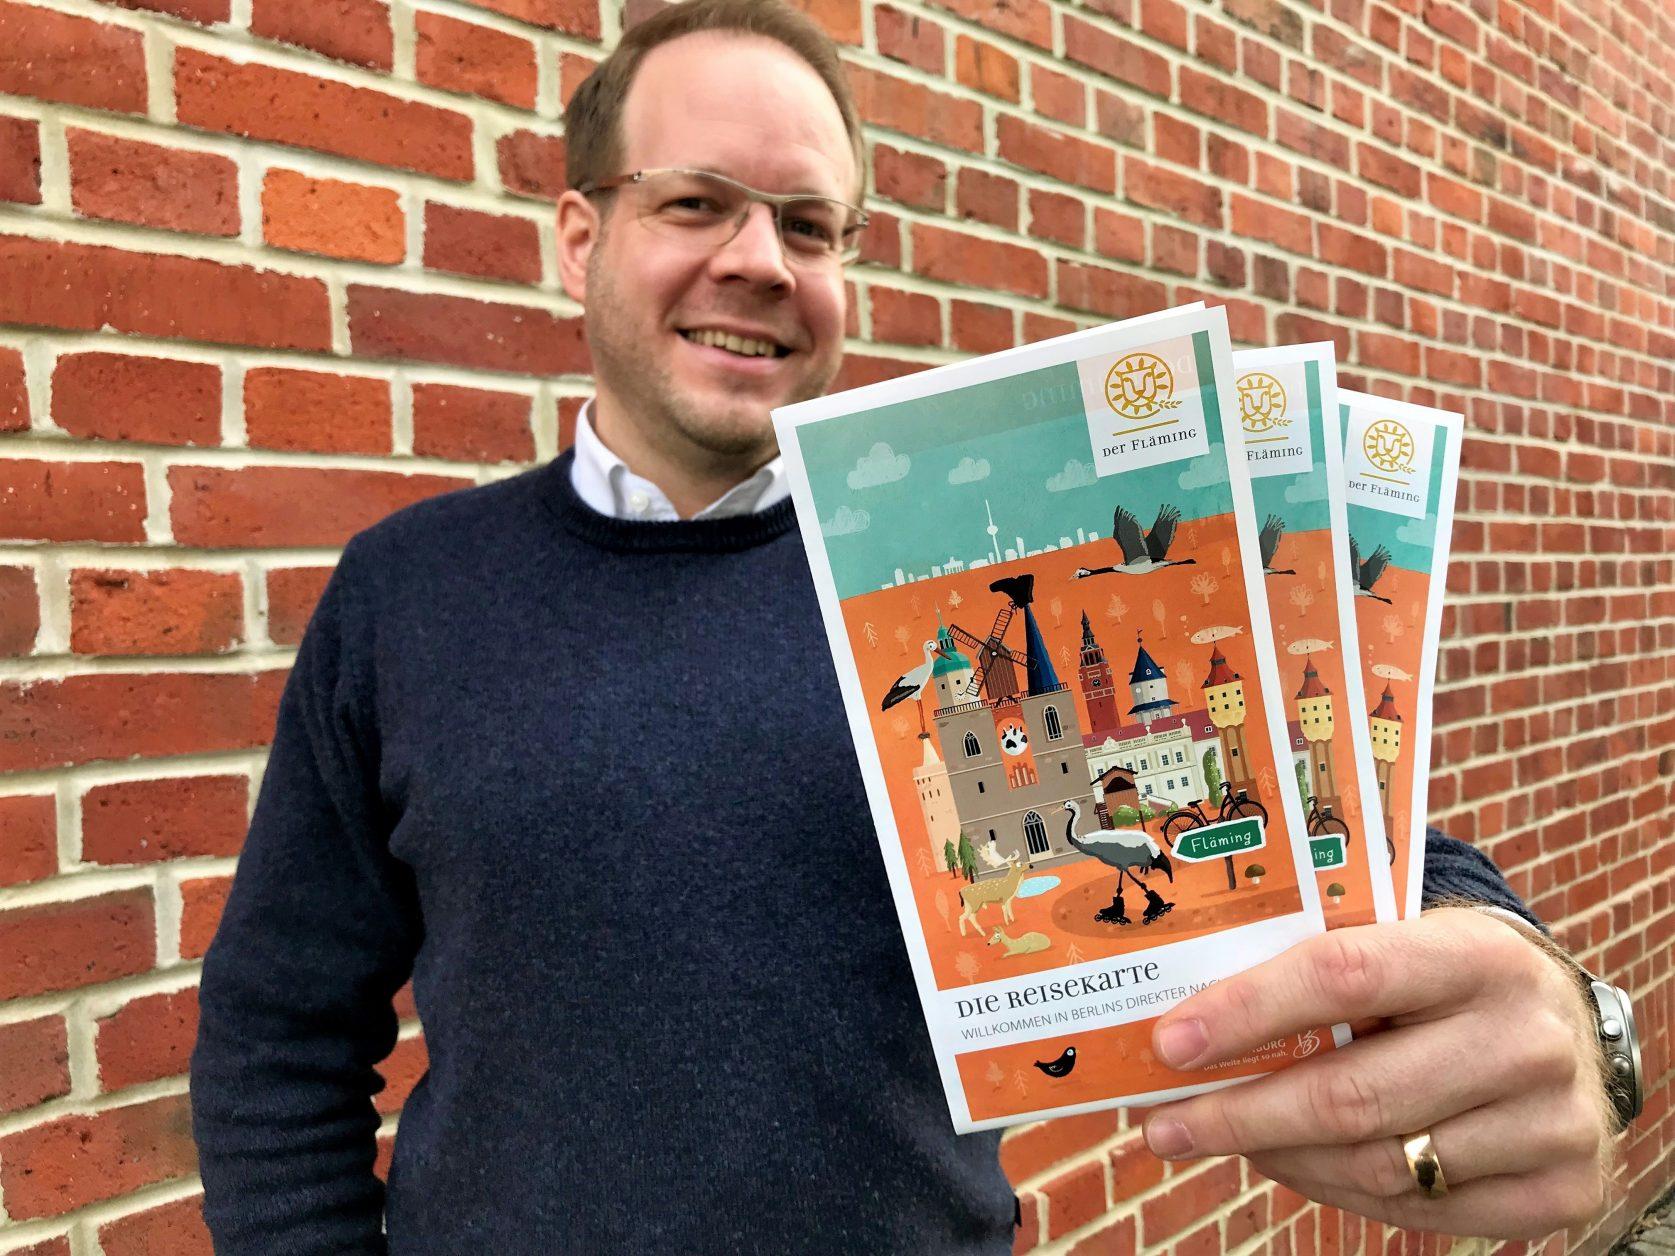 Die Reisekarte präsentiert Daniel SebastianMenzel (C) Tourismusverband Fläming